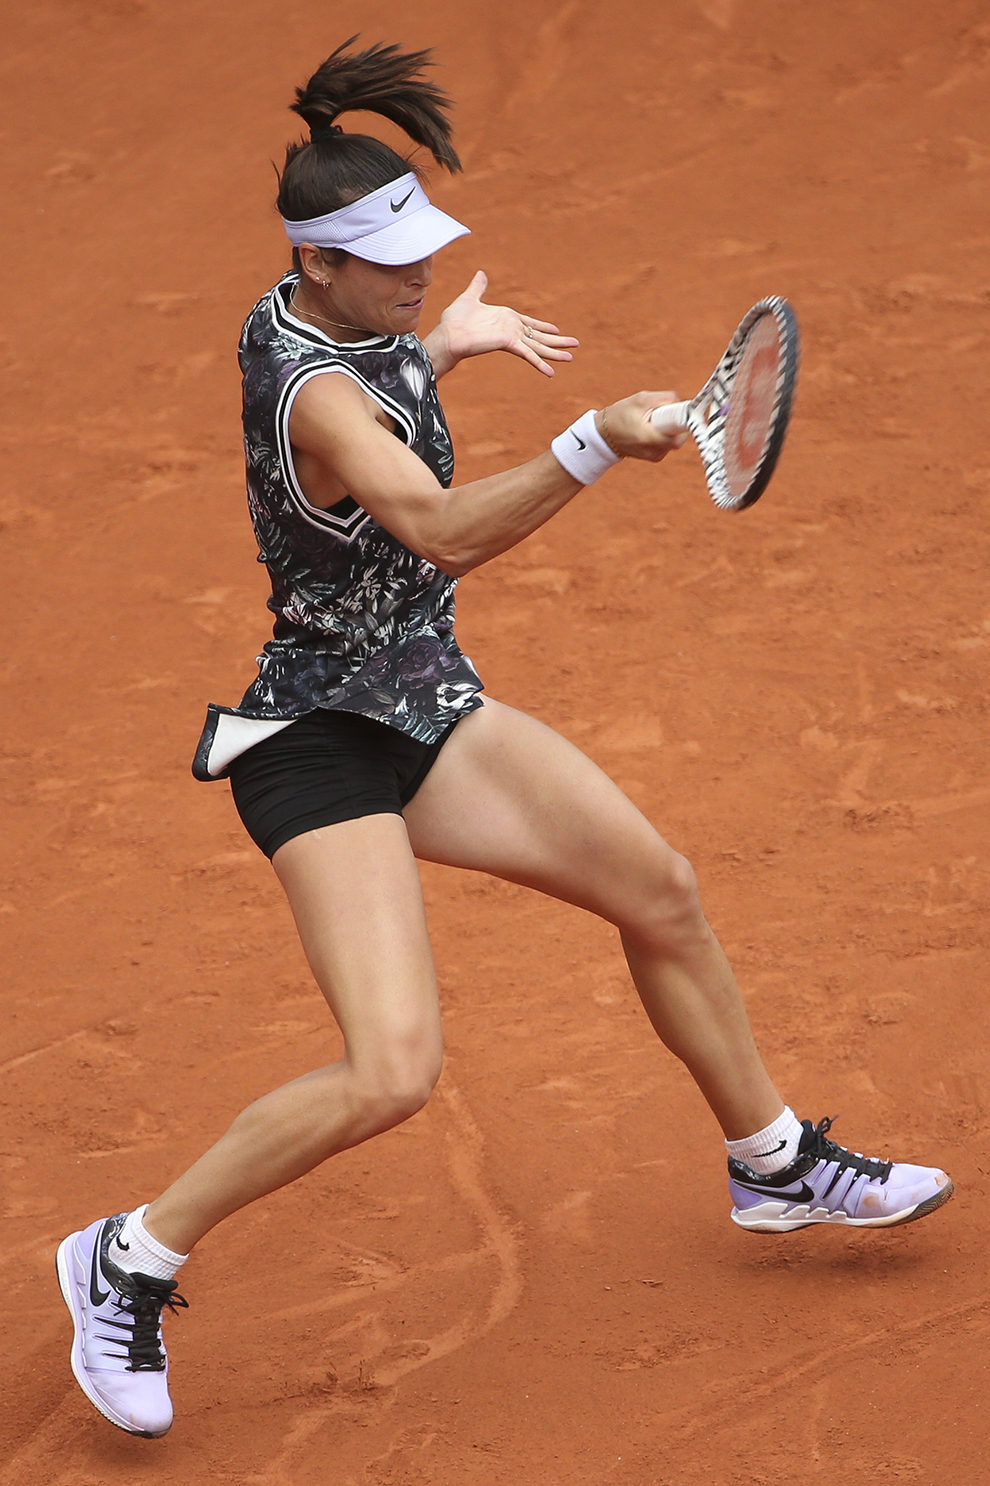 Айла Томлянович в Nike